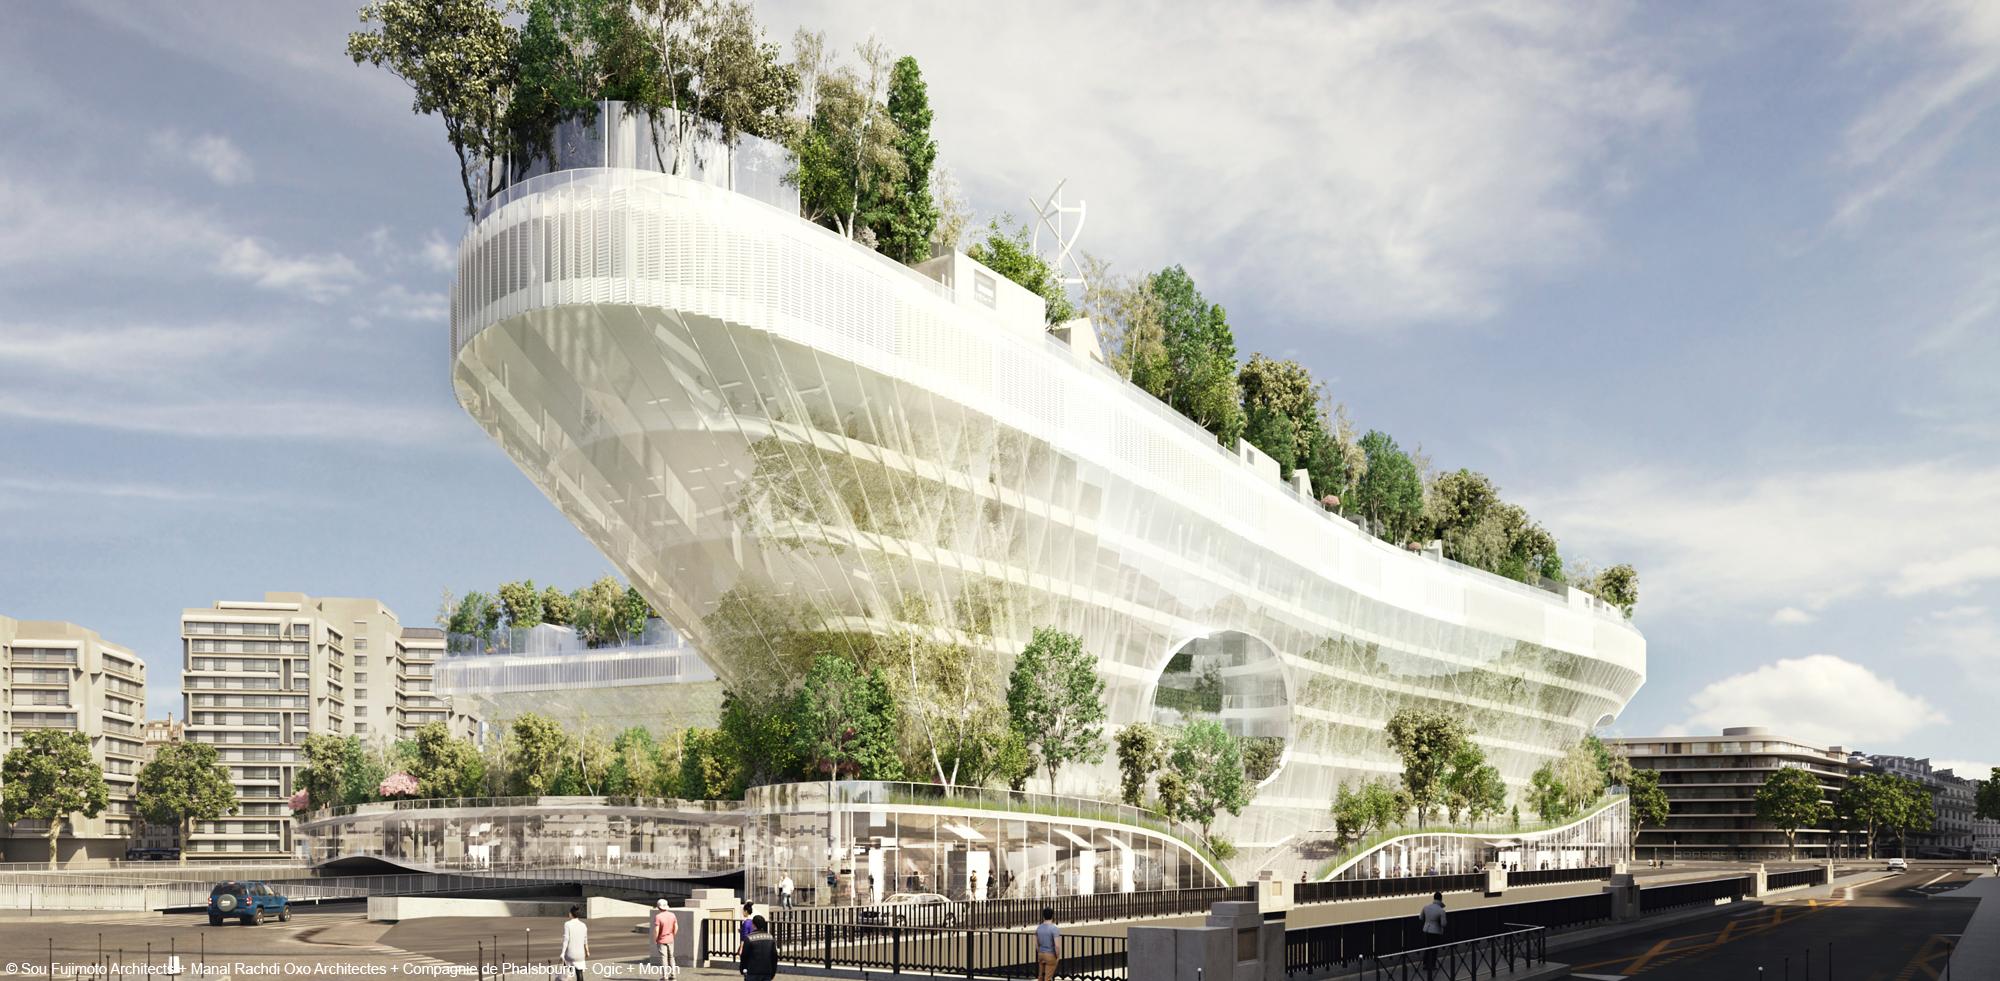 Mille arbres porte Maillot logements en structure bois